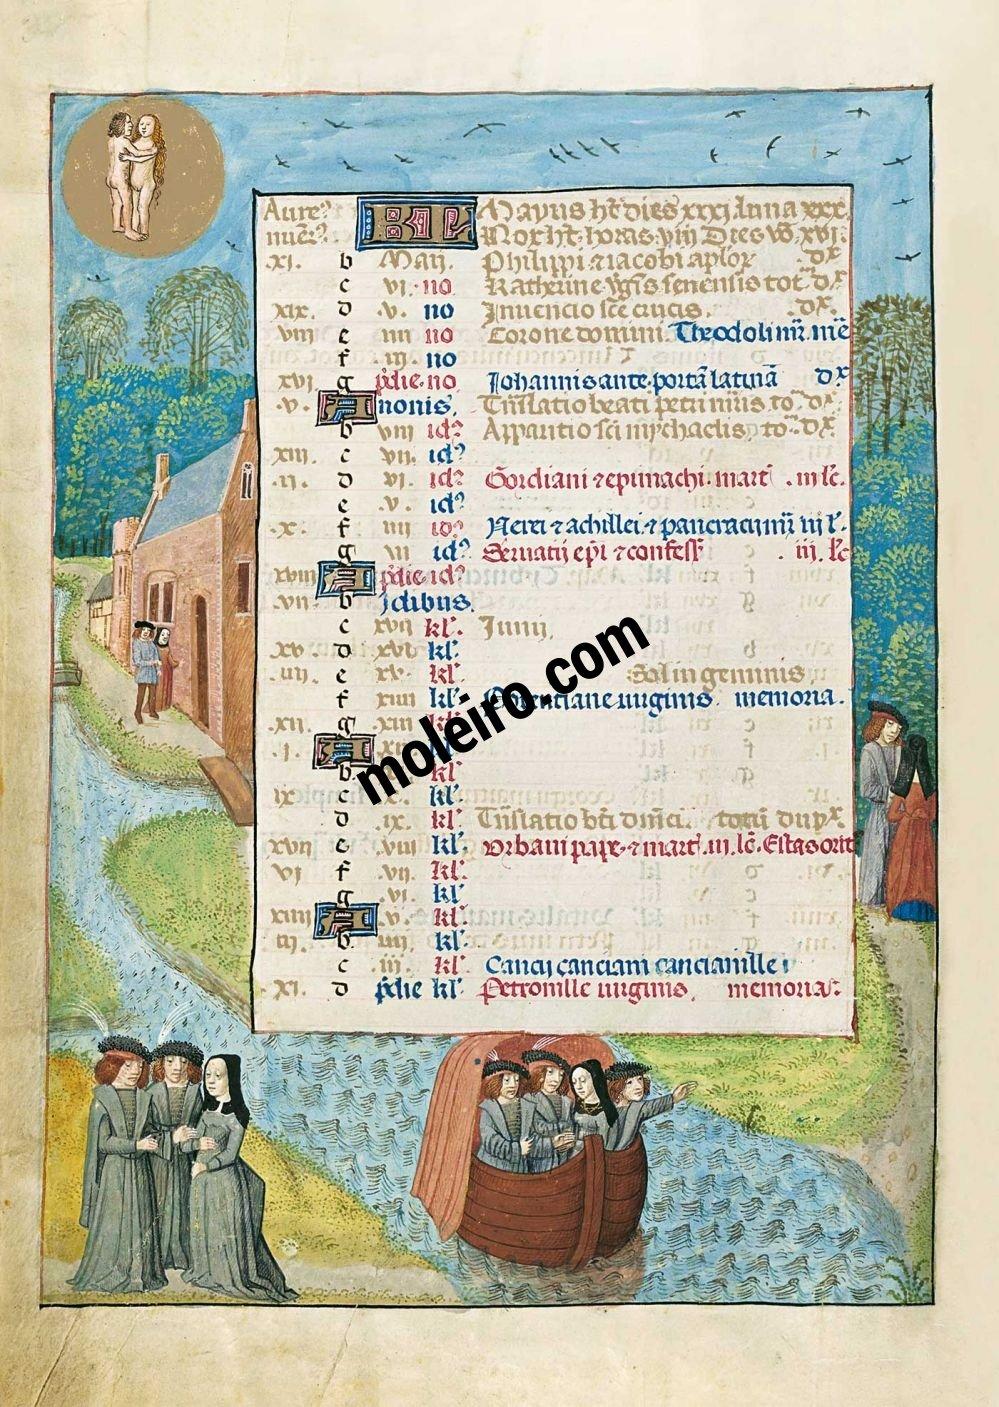 Mayo en el calendario del Breviario de Isabel la Católica (última década del s. XV, Flandes) Ms. 18851, The British Library, Londres